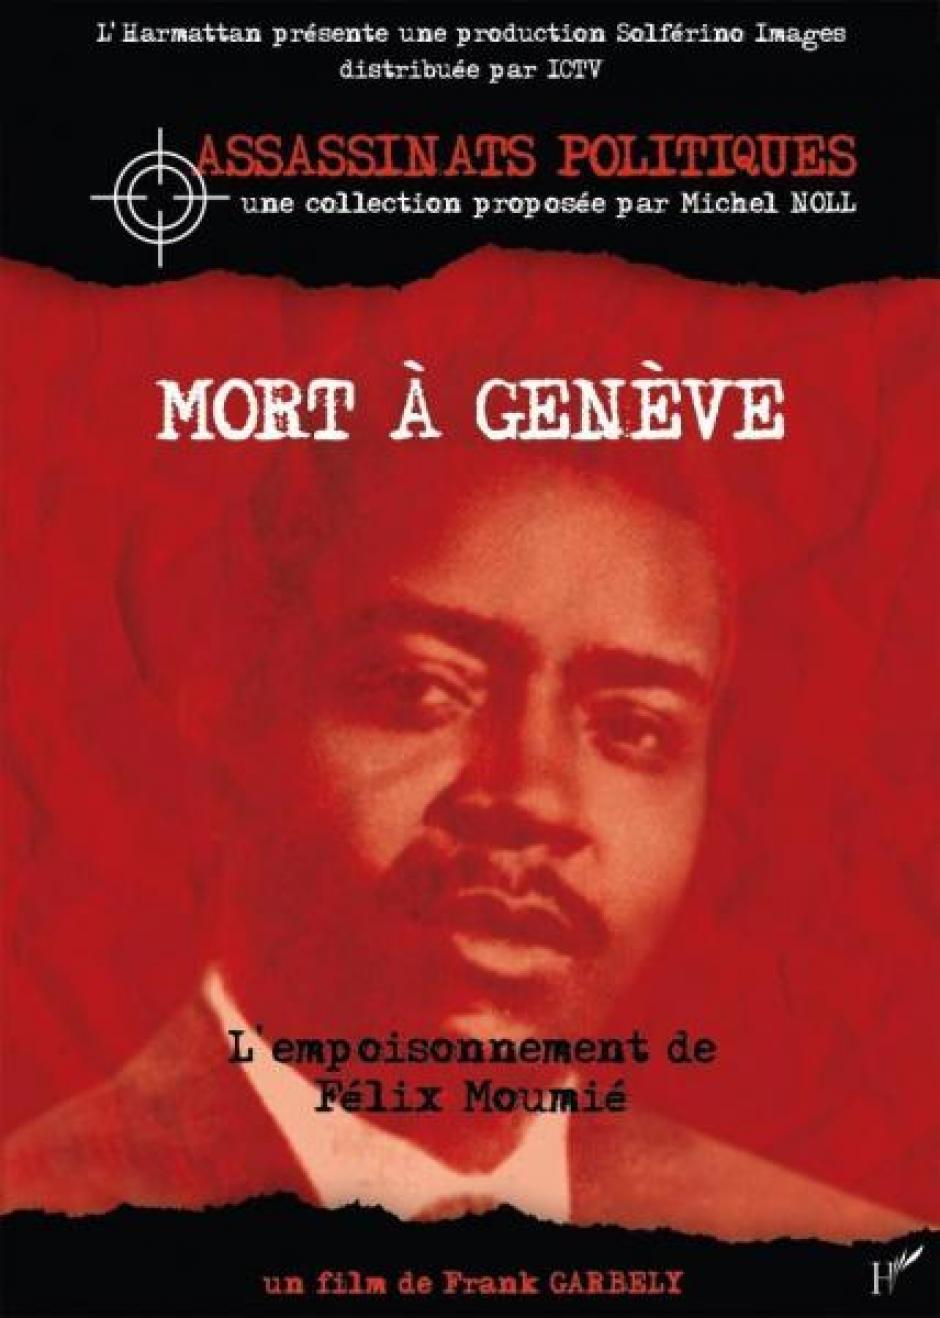 Mardi 7 février 2012 à 18h30 : Projection-débat Le Cameroun, de la sale guerre à nos jours